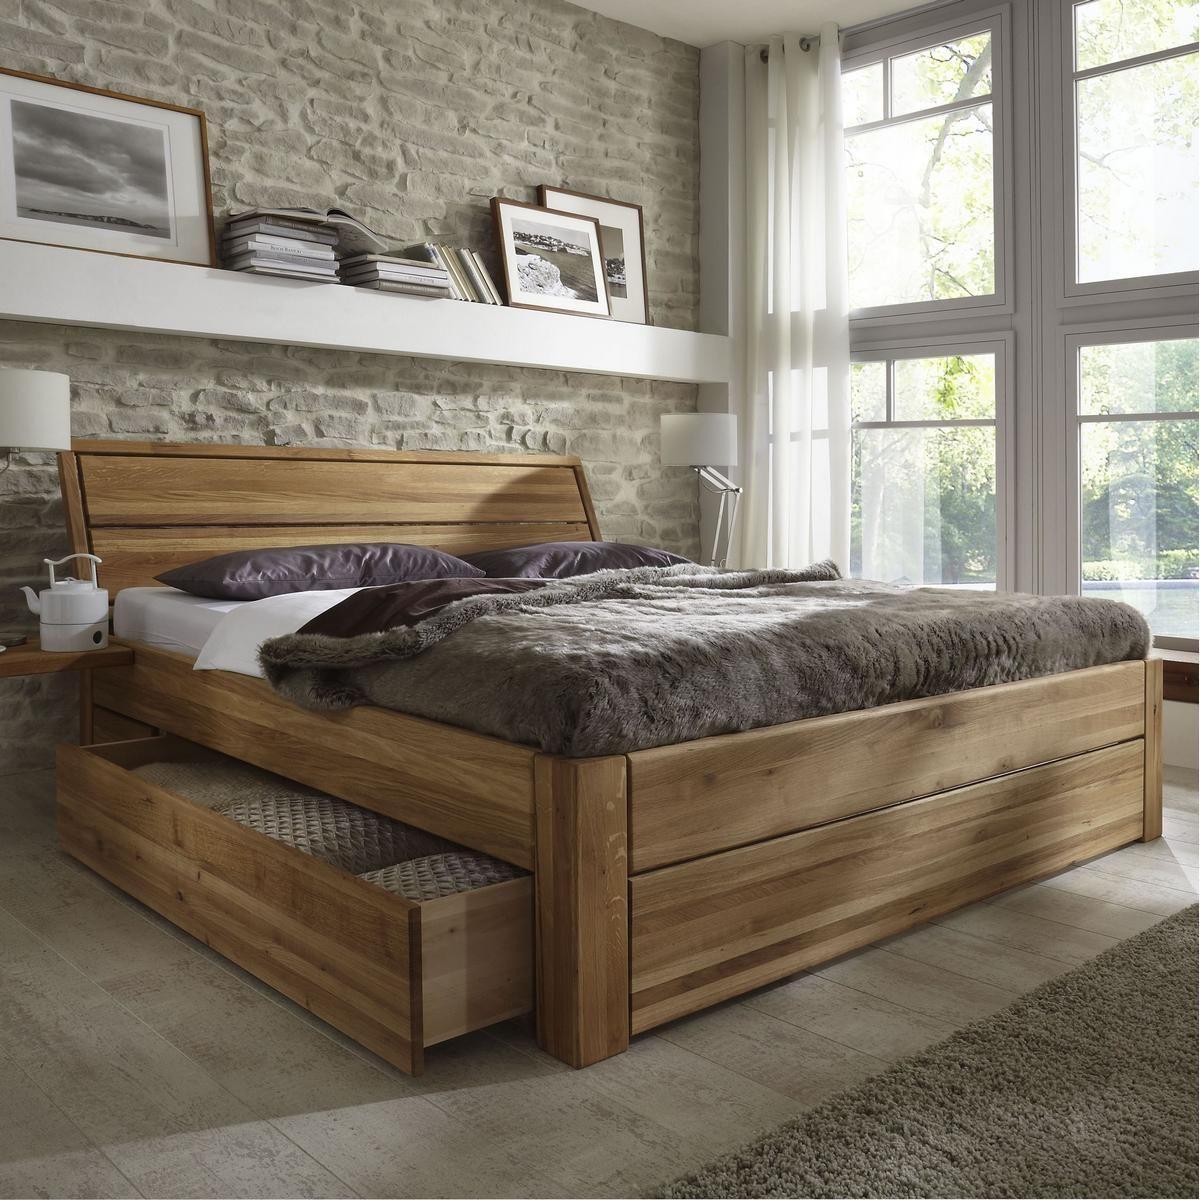 Full Size of Massivholz Schubladenbett 180x200 Holzbett Bett Eiche Massiv Gelt Betten Kaufen 90x200 Mit Stauraum Esstische Amazon Test Bonprix 140x200 Für übergewichtige Bett Massiv Betten